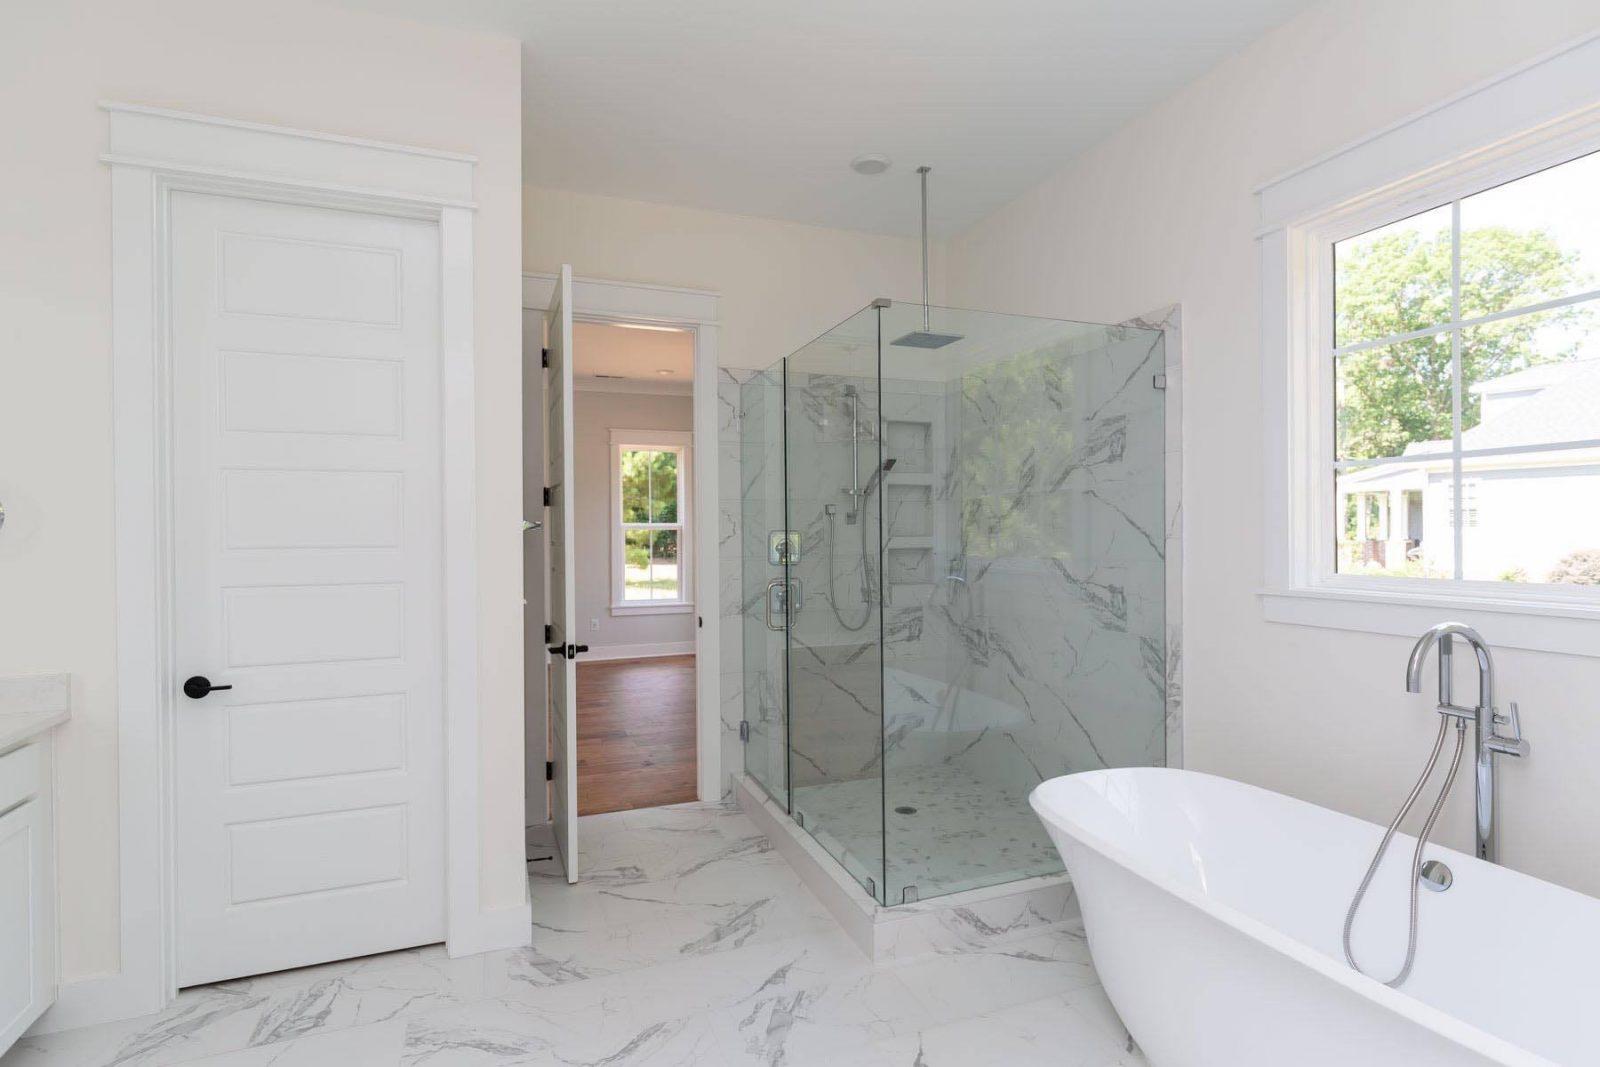 Bathroom Tiles | Frazee Carpet & Flooring